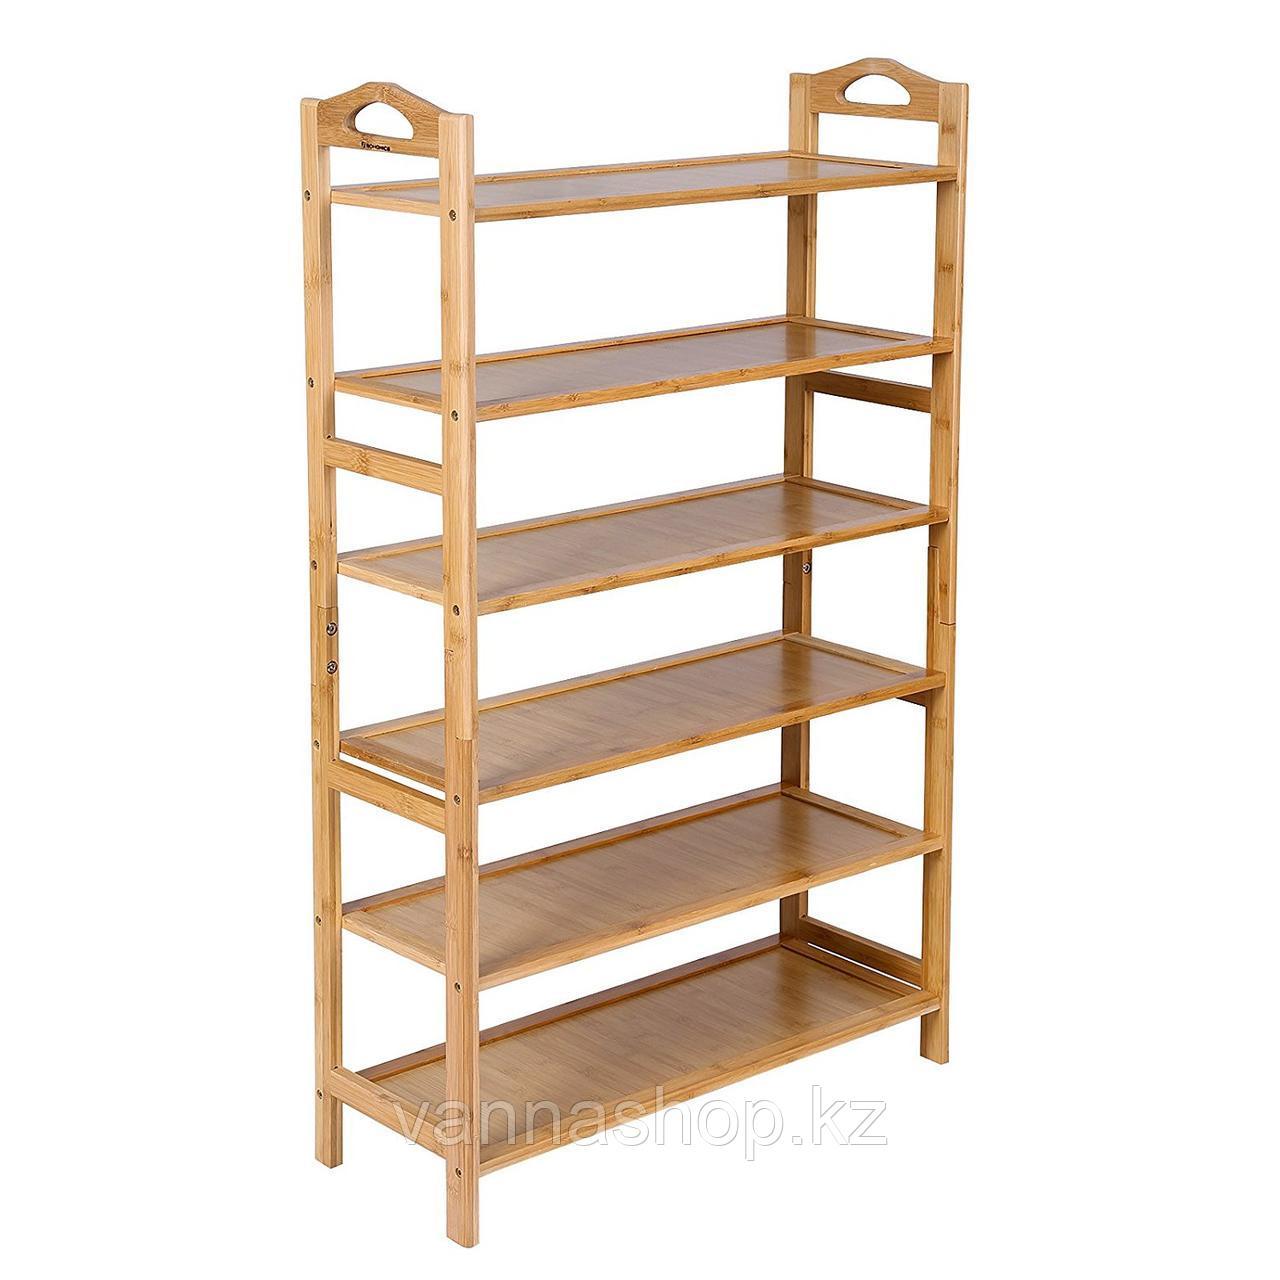 Обувница закрытый бамбук 6 полок